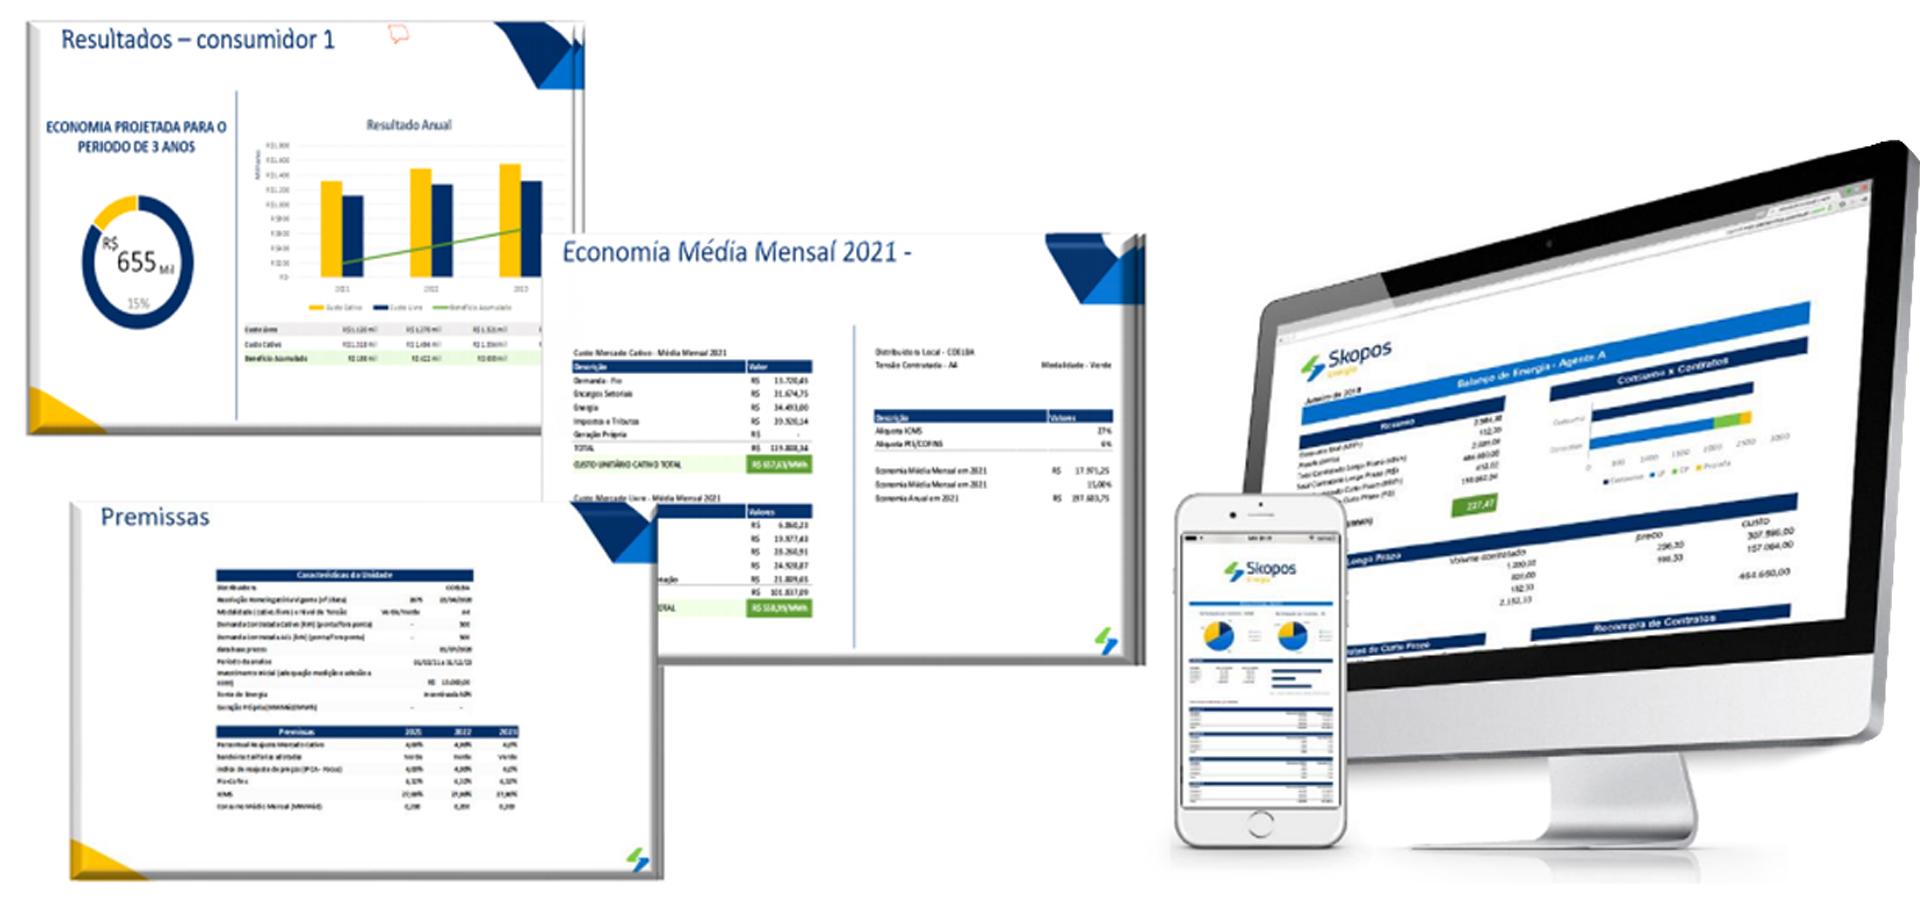 Analise de graficos da Skopos energia Inteligência de Mercado